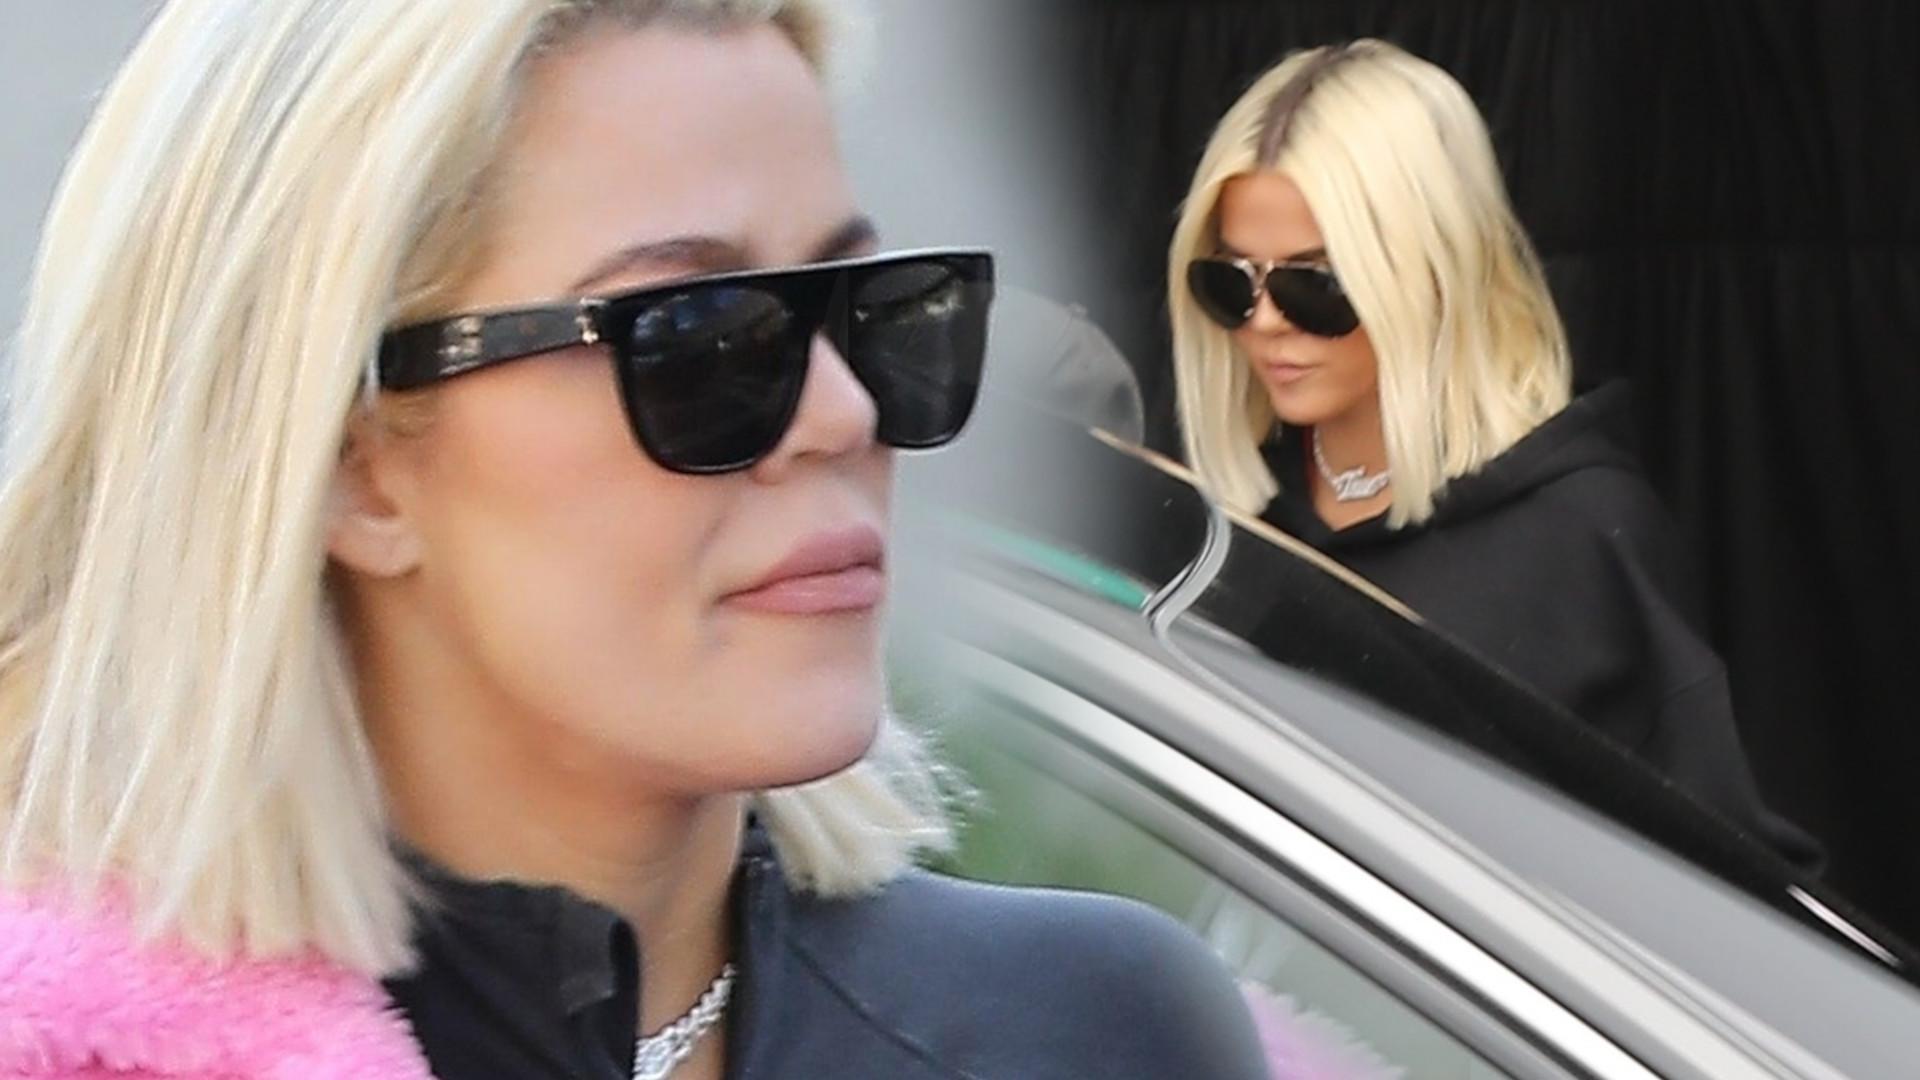 Khloe Kardashian również zdradziła! Zachowała się nagannie